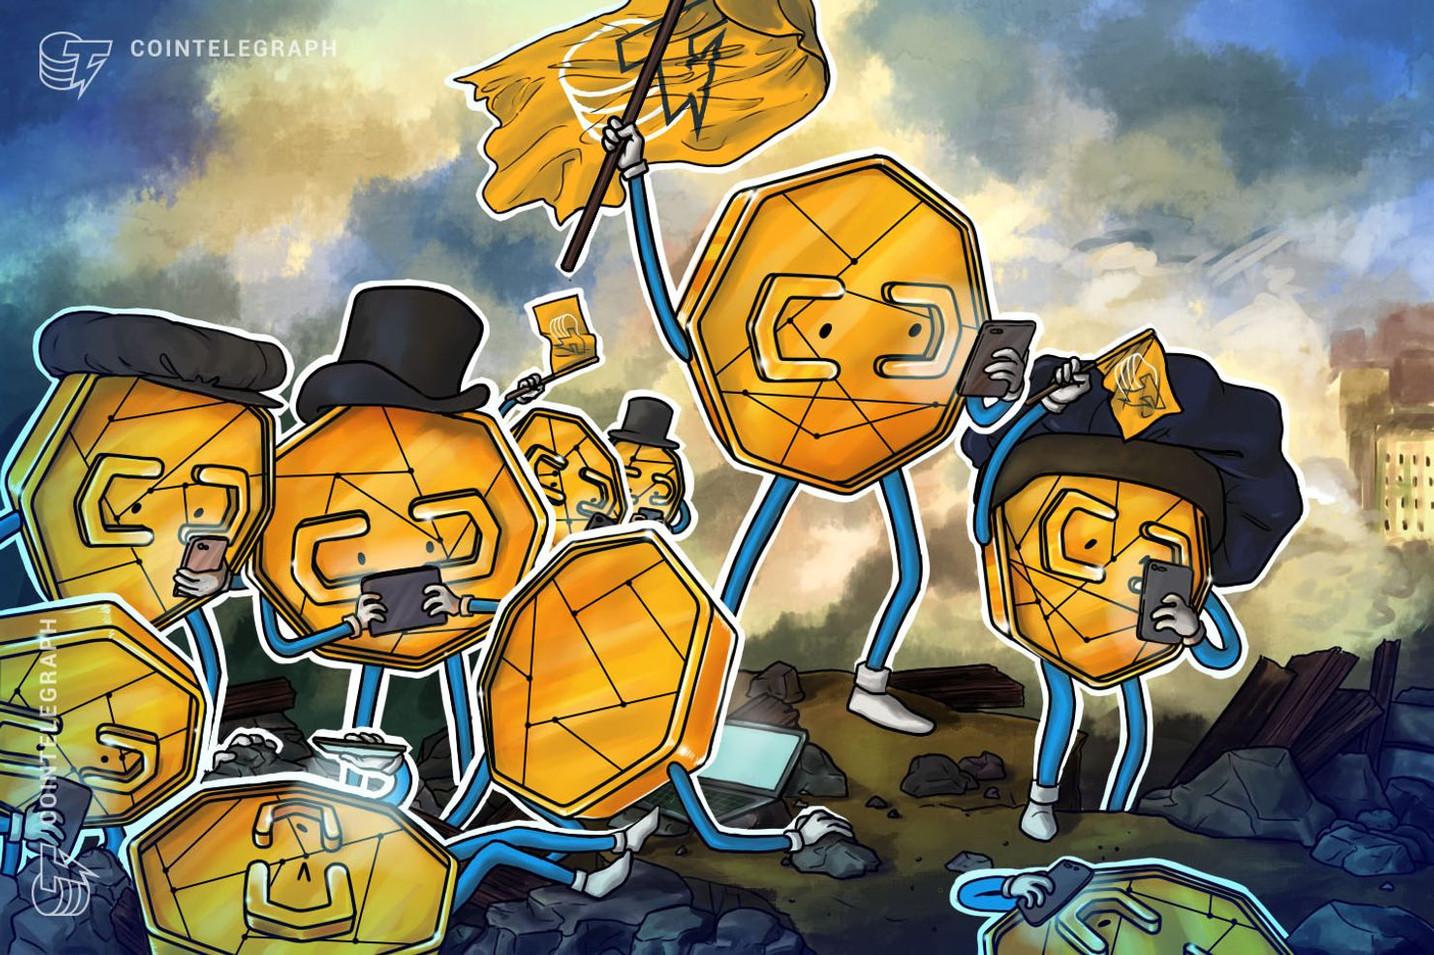 中国のブロックチェーン青書、トレーサビリティチェーン(TAC)をベンチマーク企業として紹介【アラート】